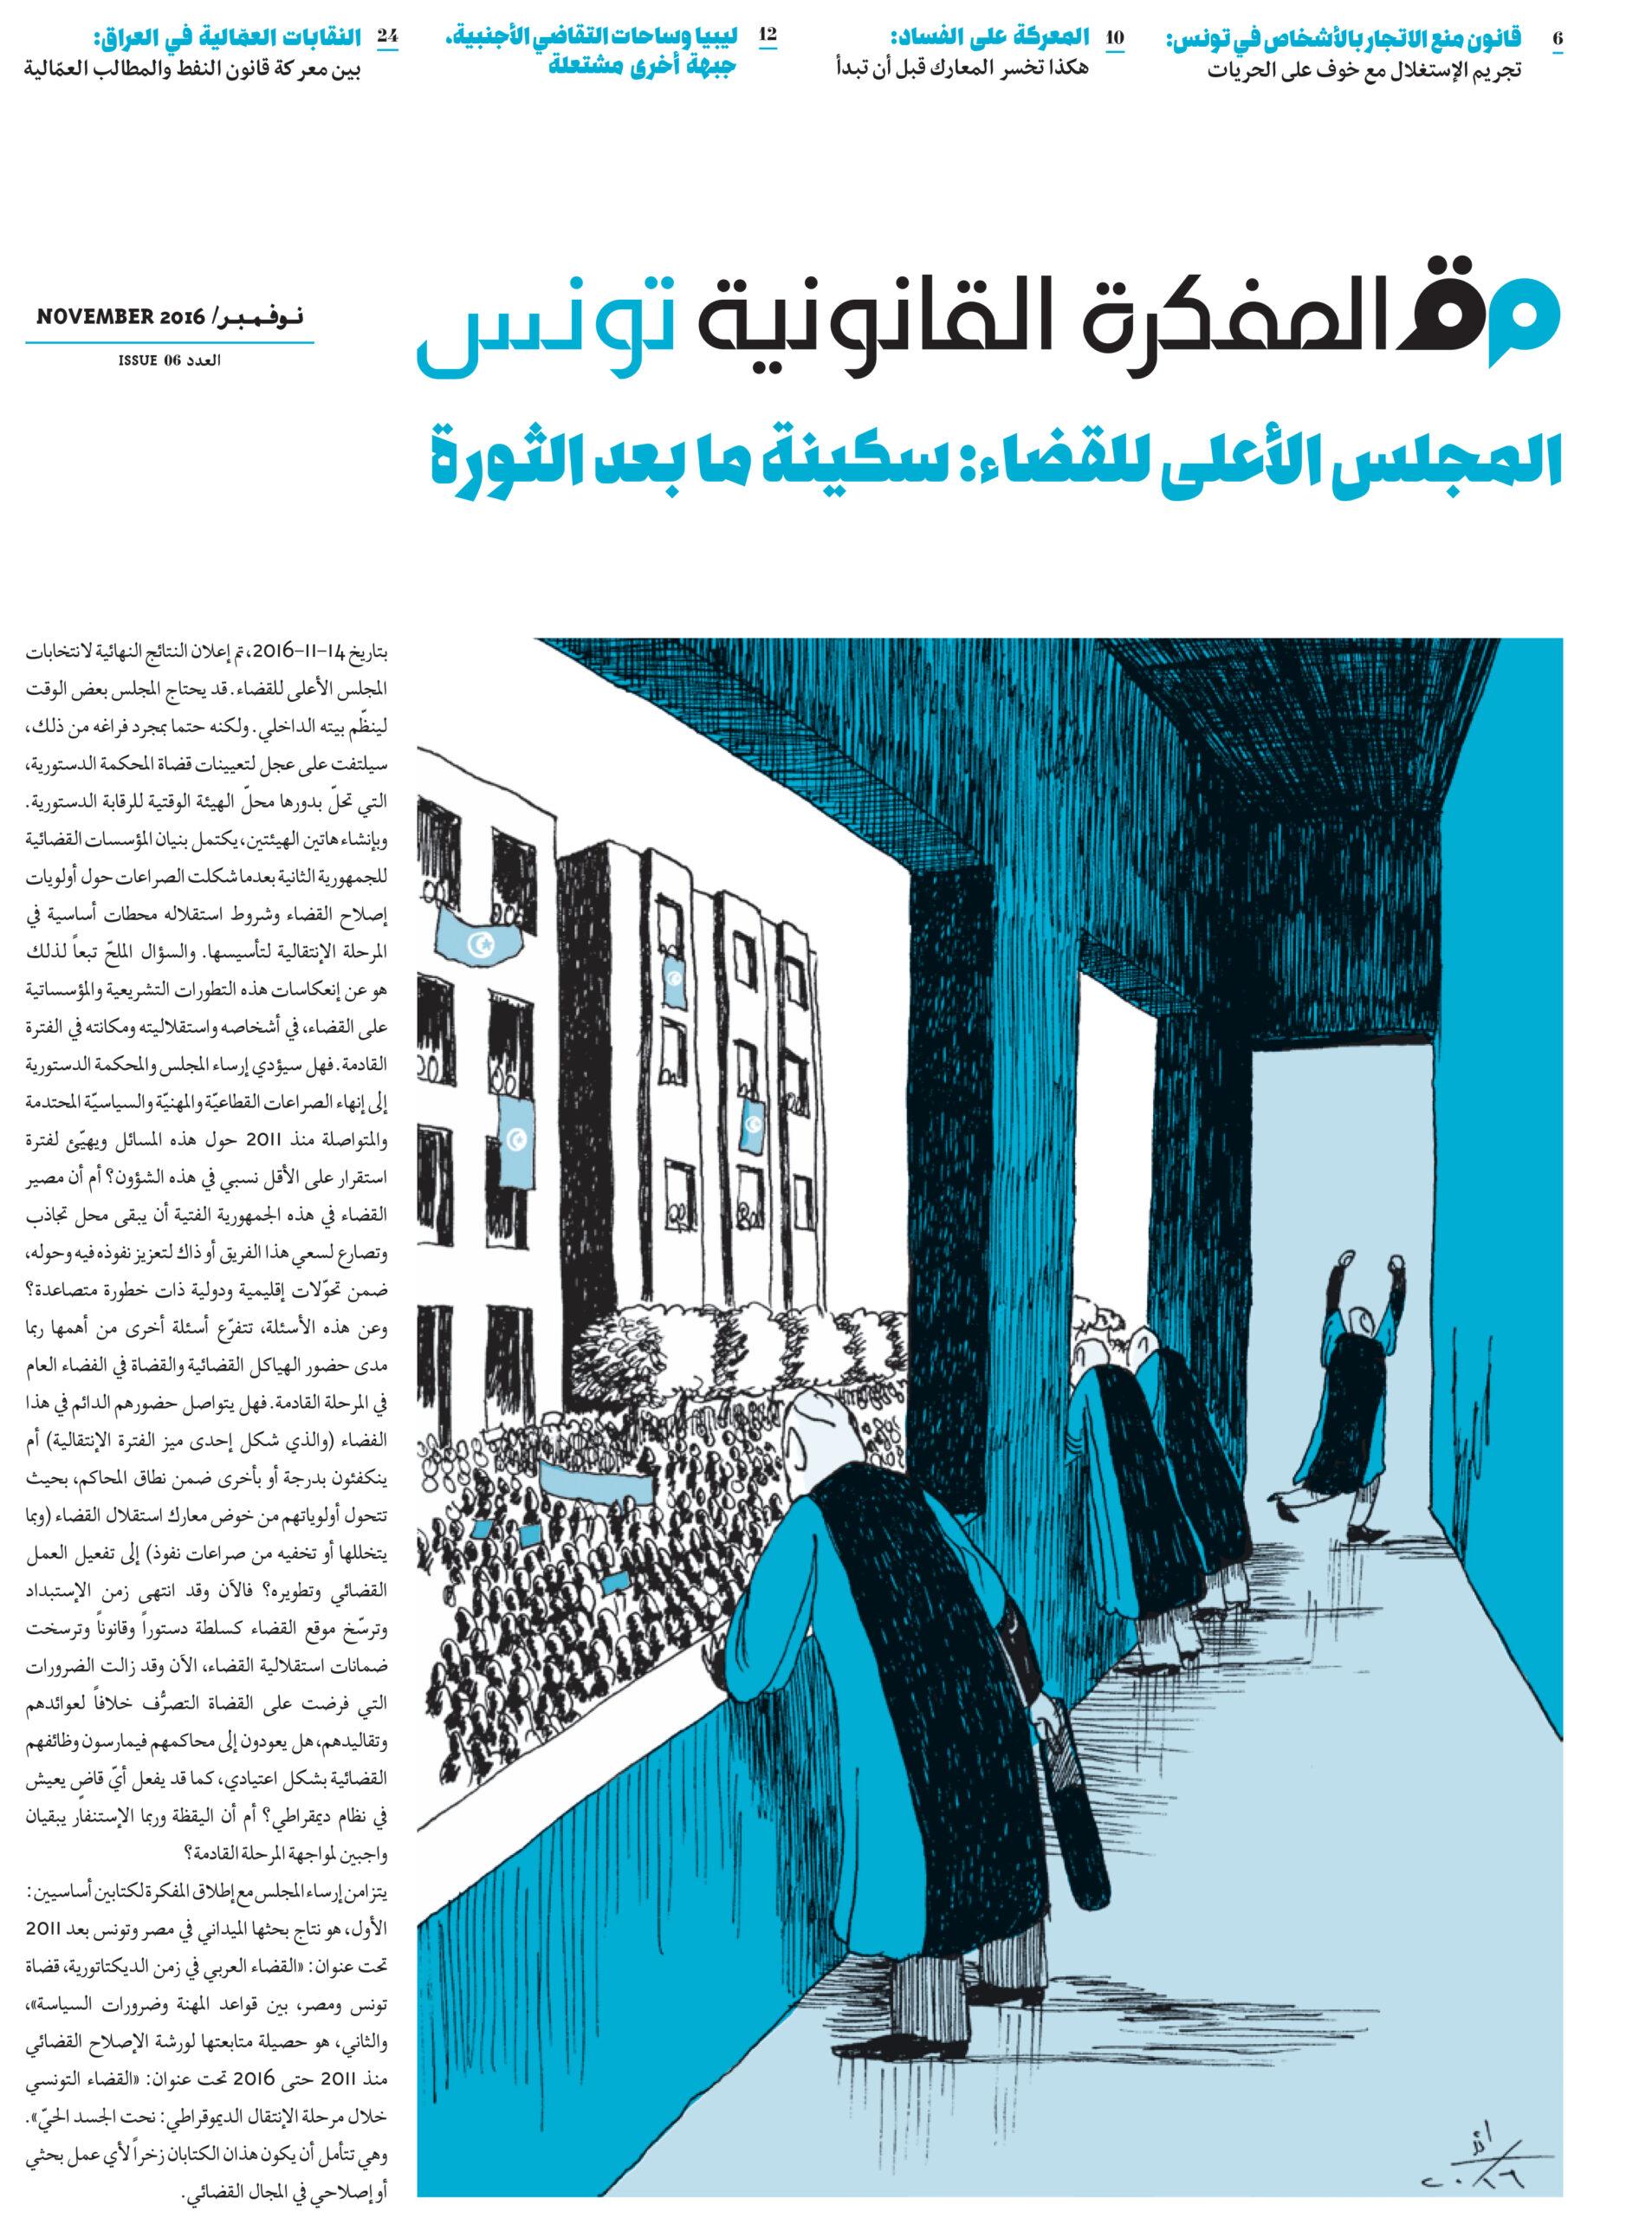 صدر العدد 6 من مجلة المفكرة القانونية في تونس